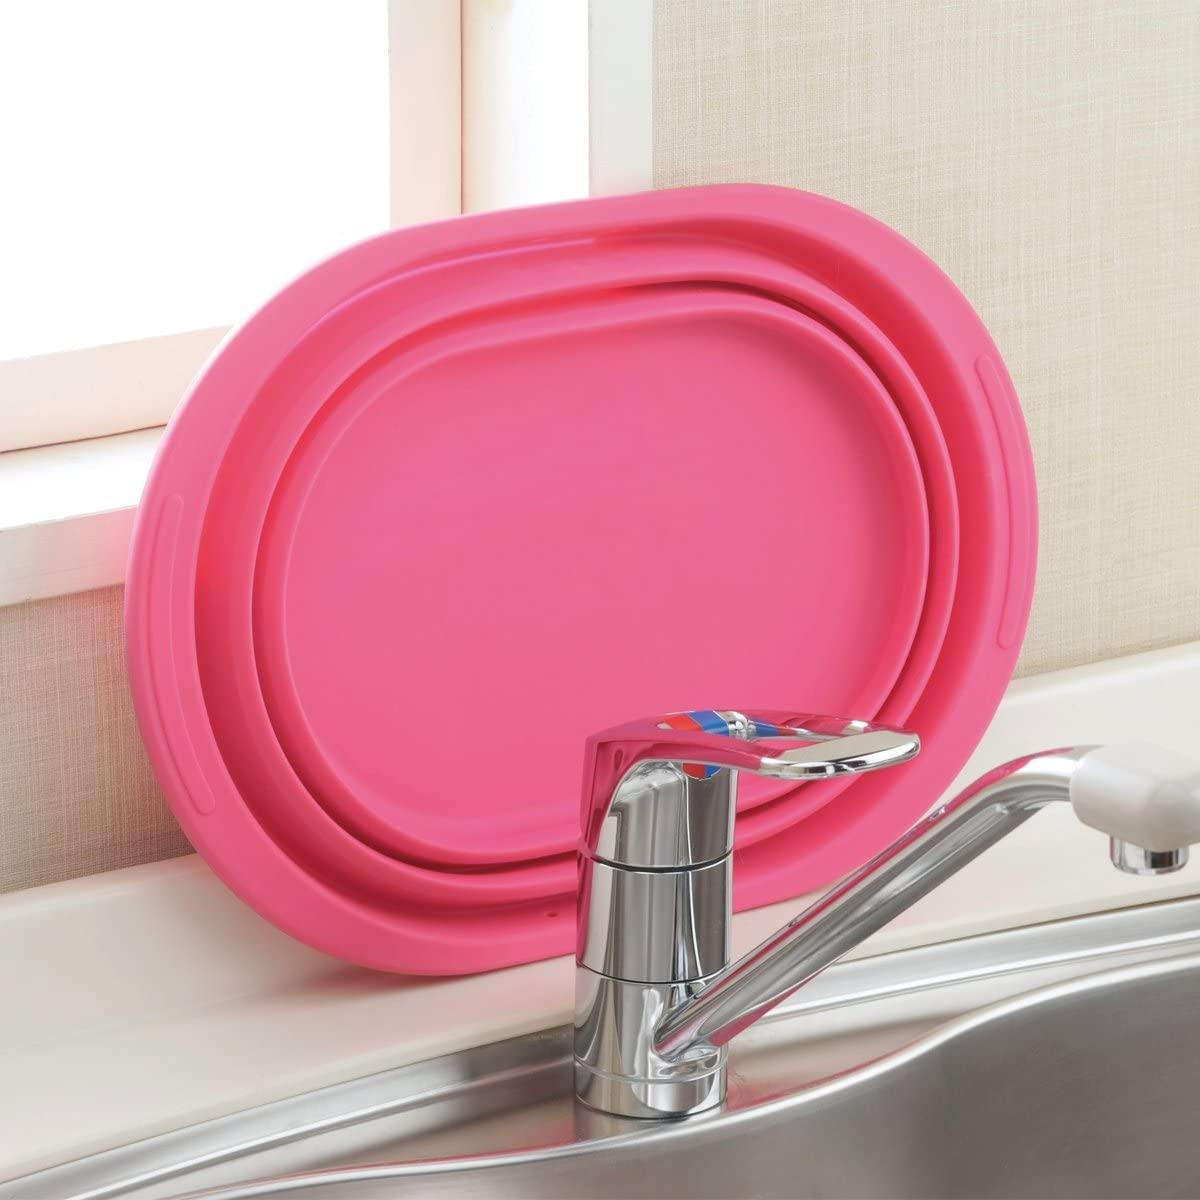 和平フレイズ(FREIZ) 洗い桶 スキッとシリコーン 。 SR-4883の商品画像4